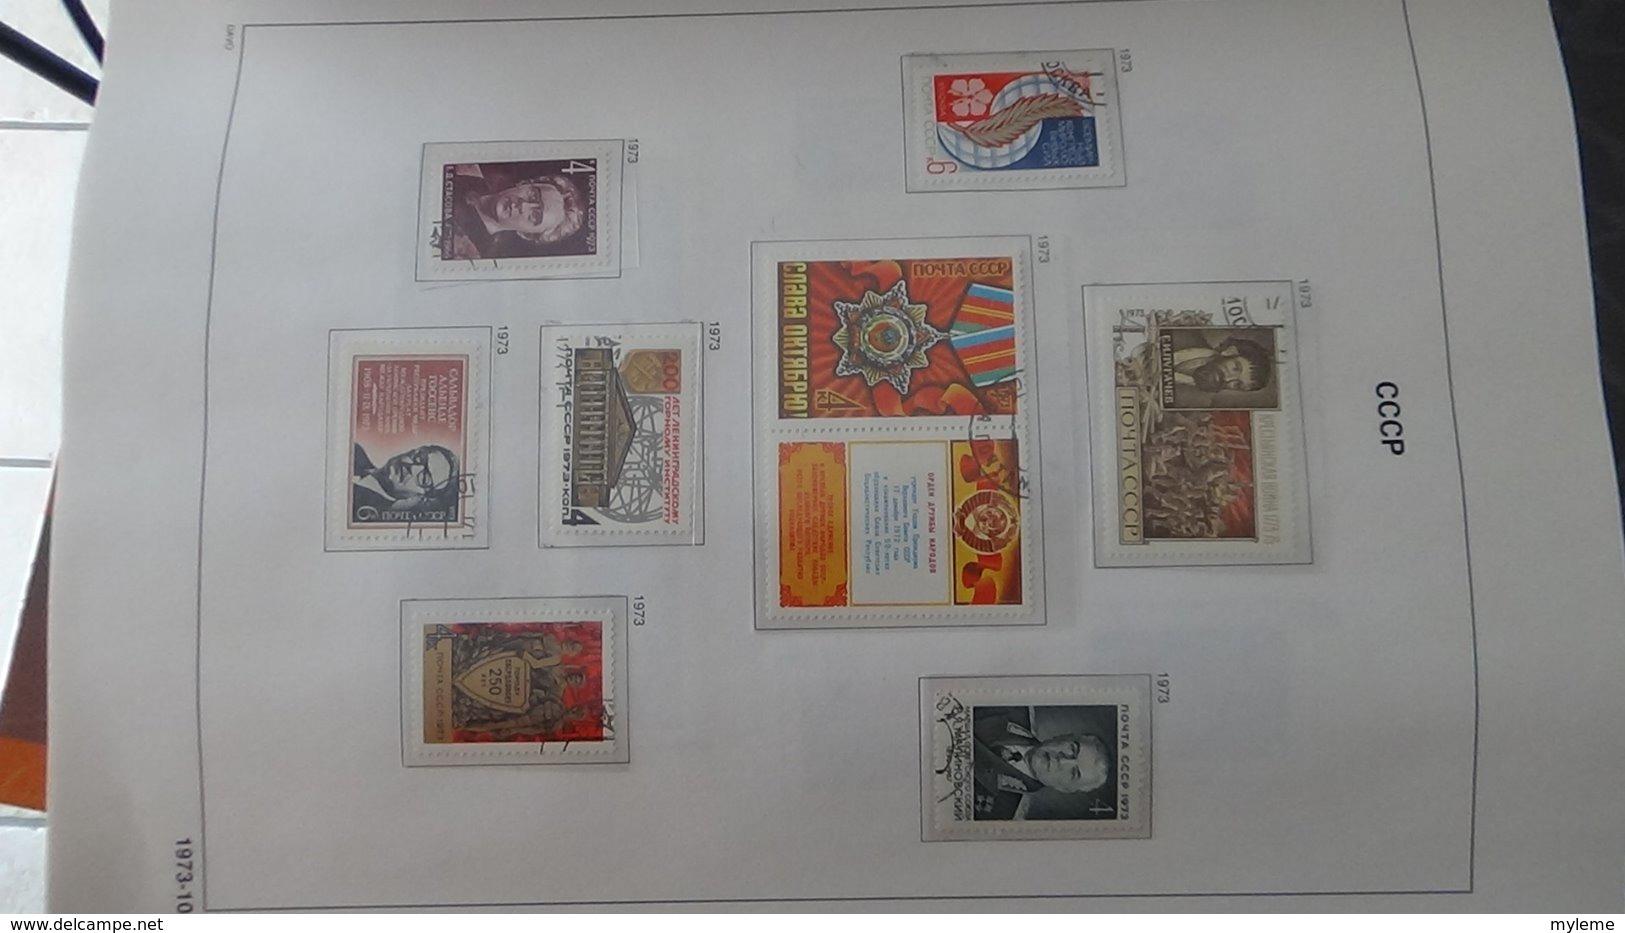 Grosse Collection De RUSSIE (CCCP) Dont Blocs Bien Suivie Toutes Les Photos N'ont Pas été Prises - Sammlungen (im Alben)